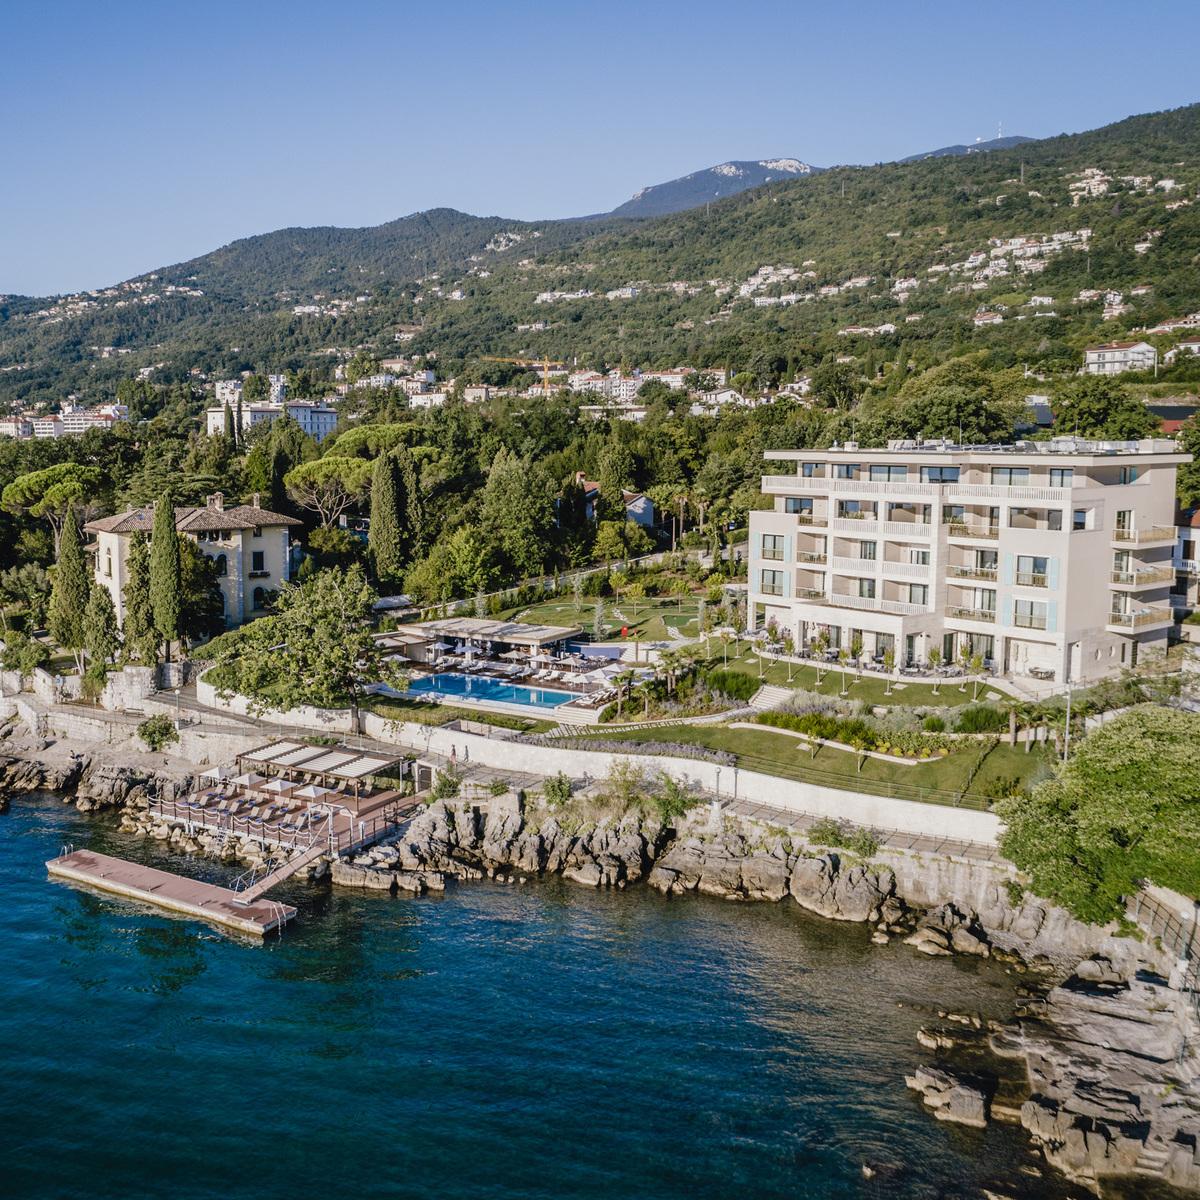 ikador-hotel-kroatien-exterior